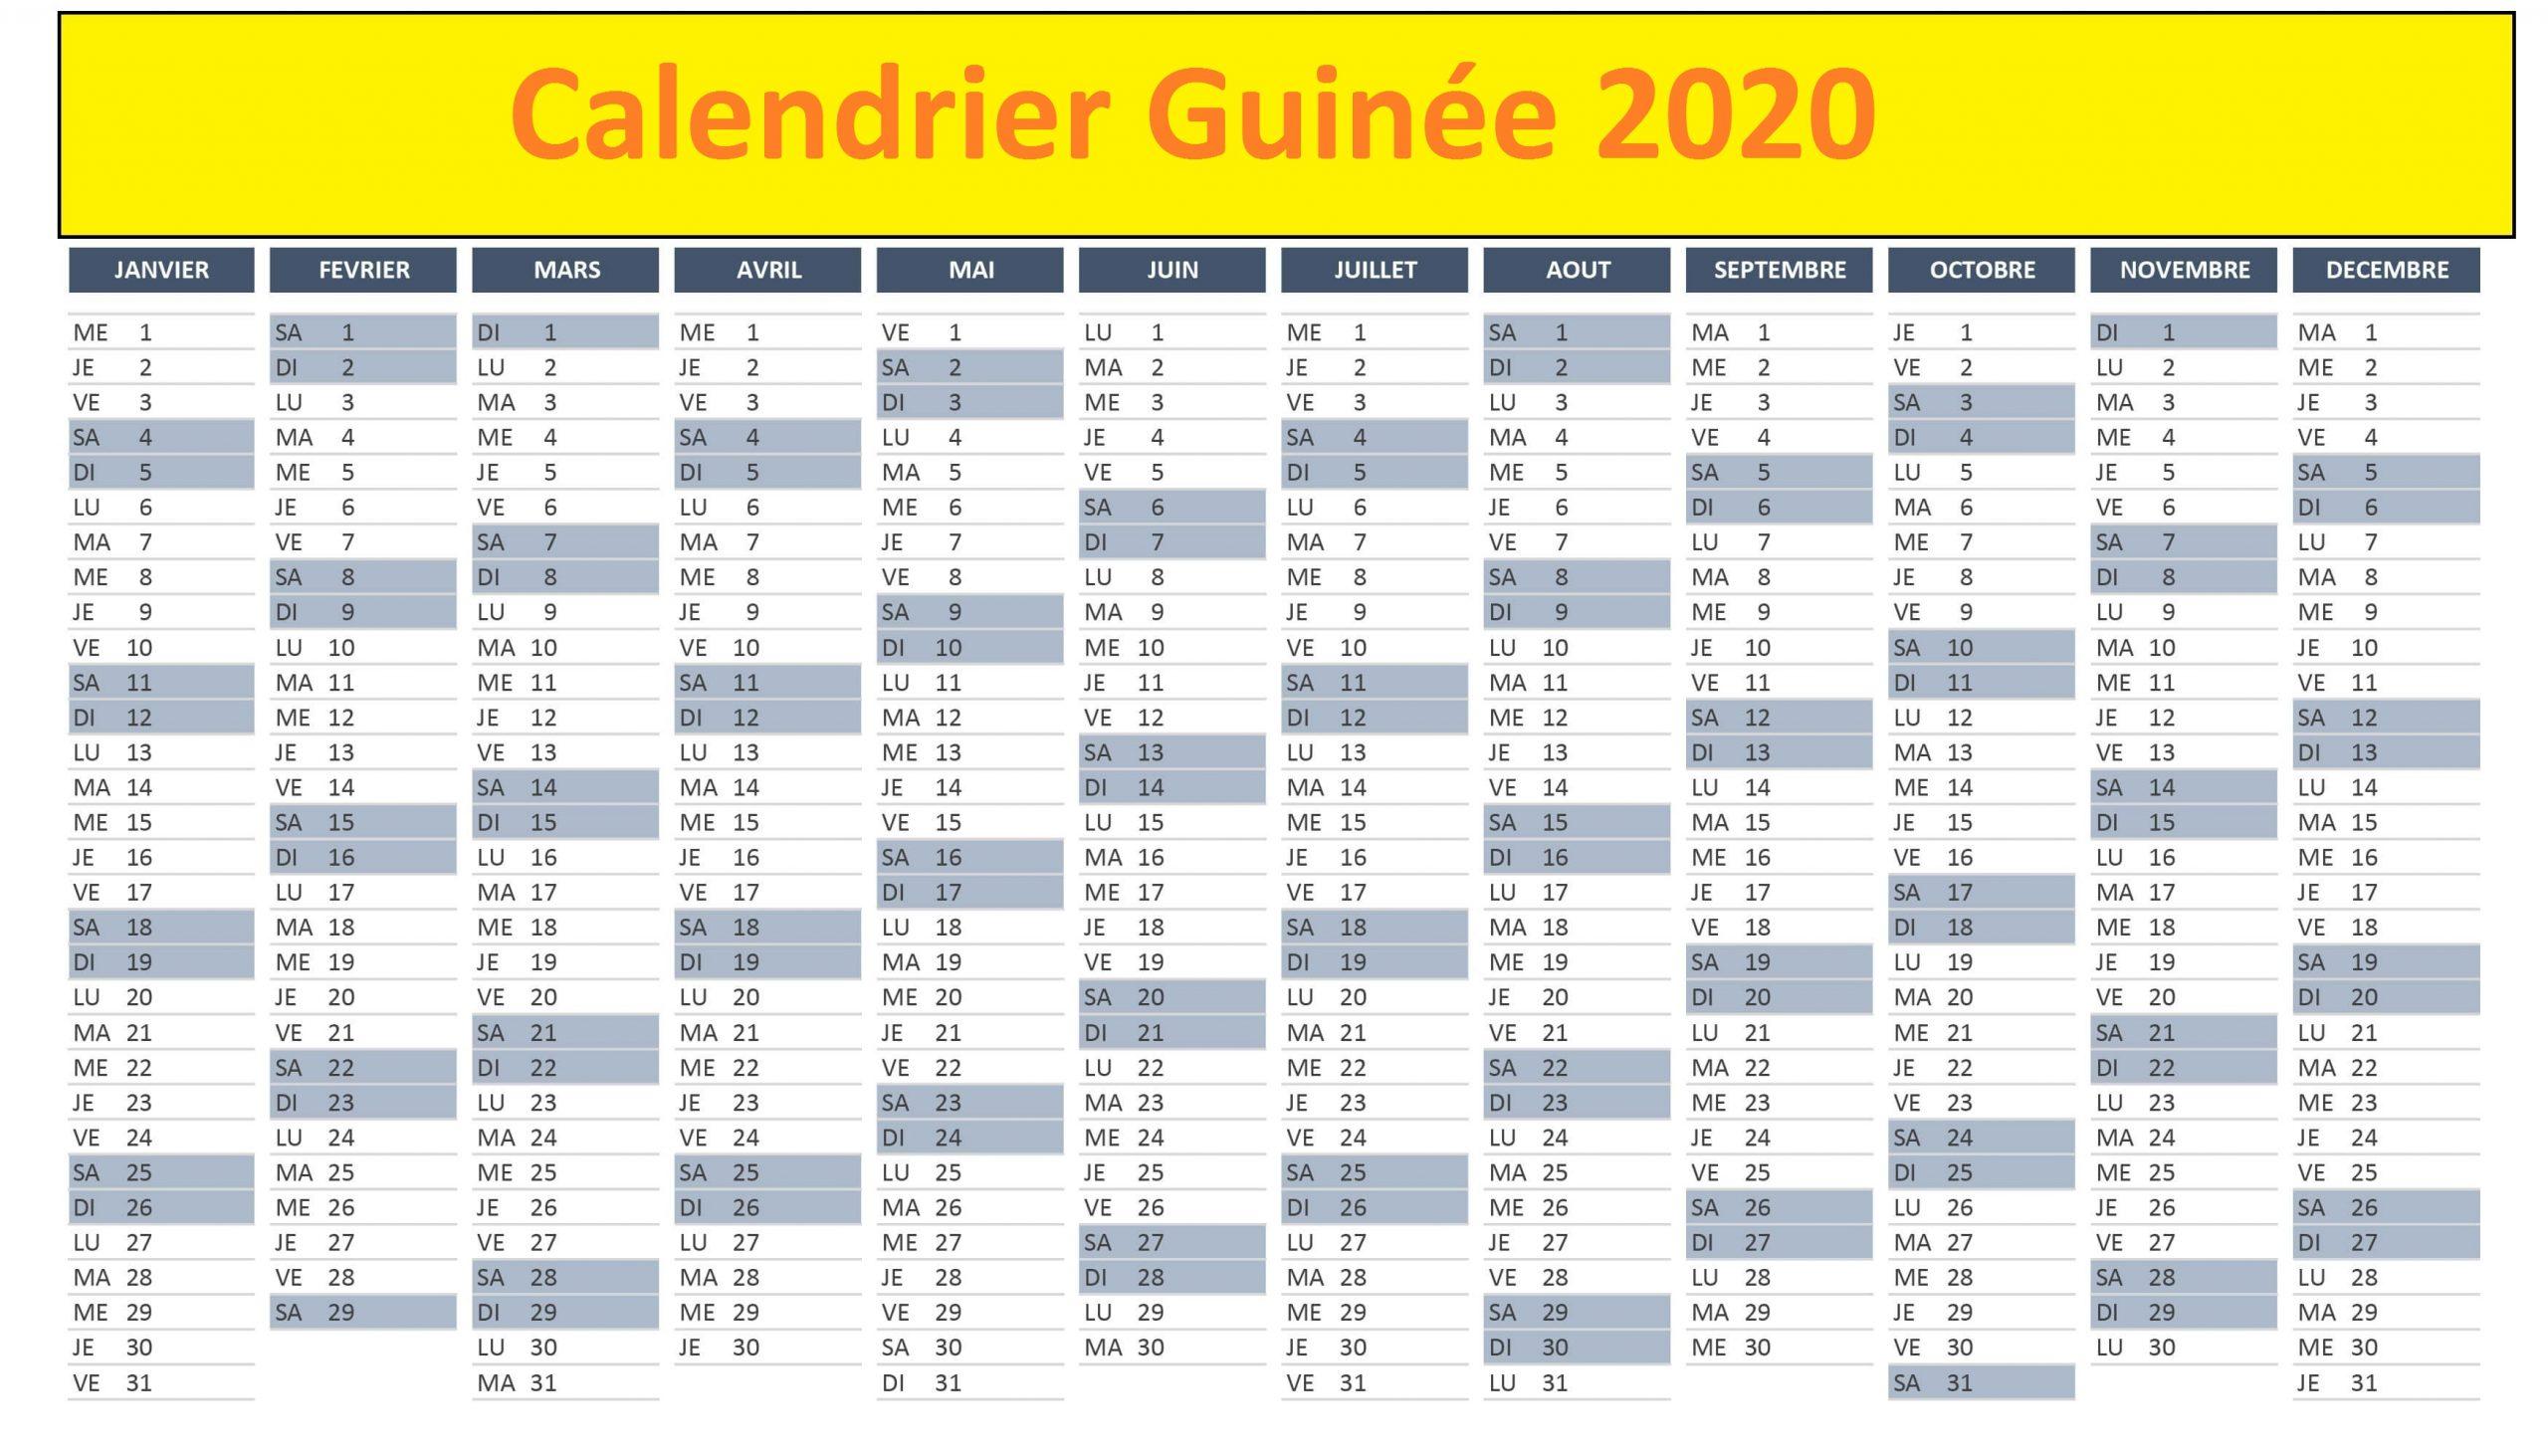 Calendrier Campus France Guinée 2020